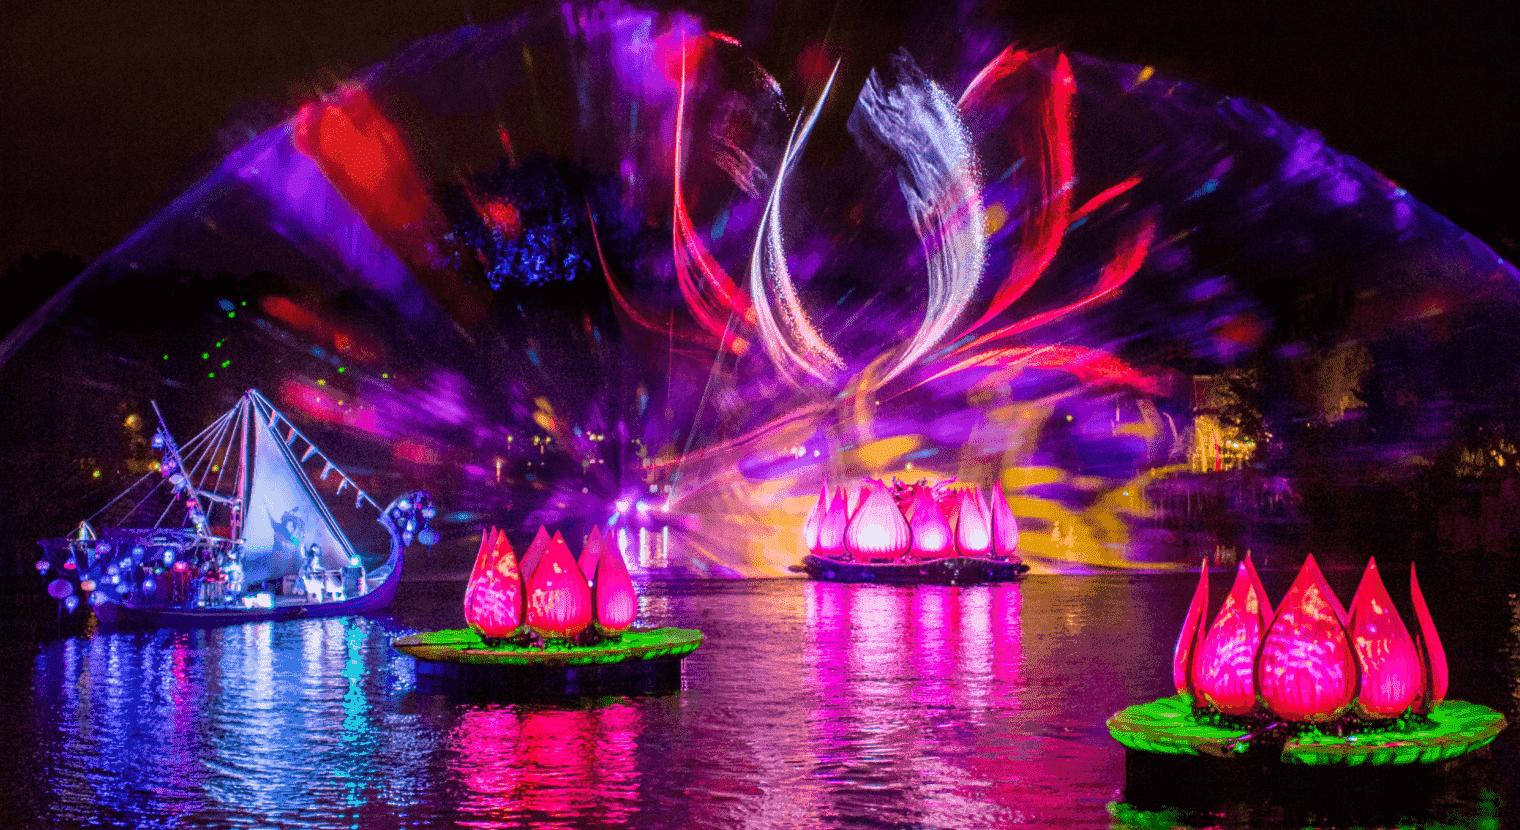 Buffet de sobremesas do show Rivers of Light na Disney